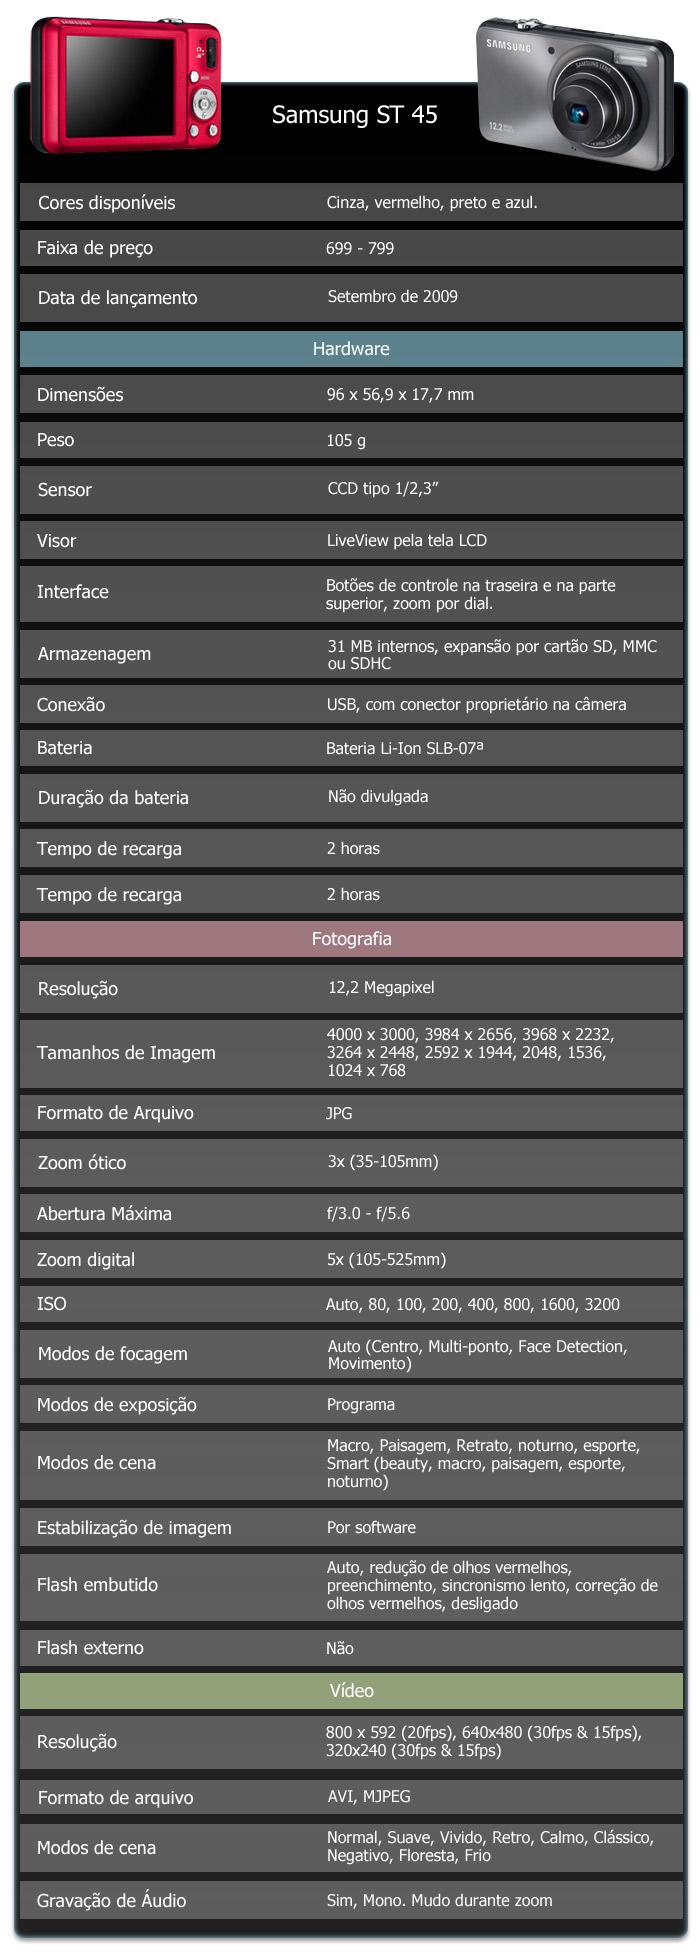 Especificações técnicas da Samsung ST 45